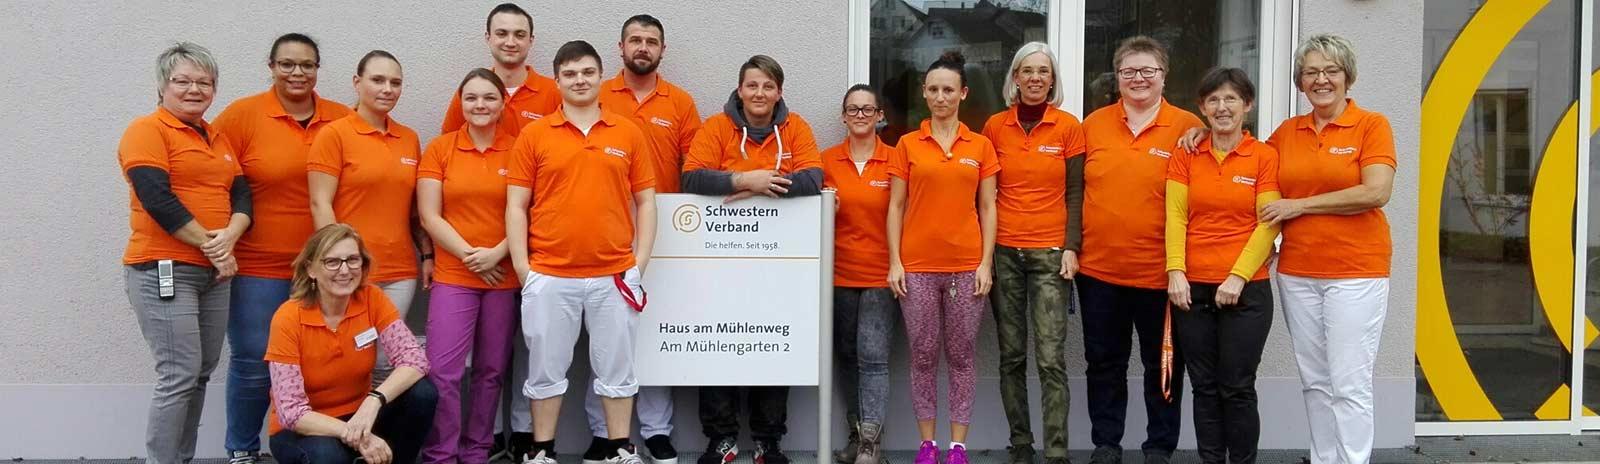 2020_01_13_Haus_am_Mühlenweg_Neujahrsumtrunk_Slider